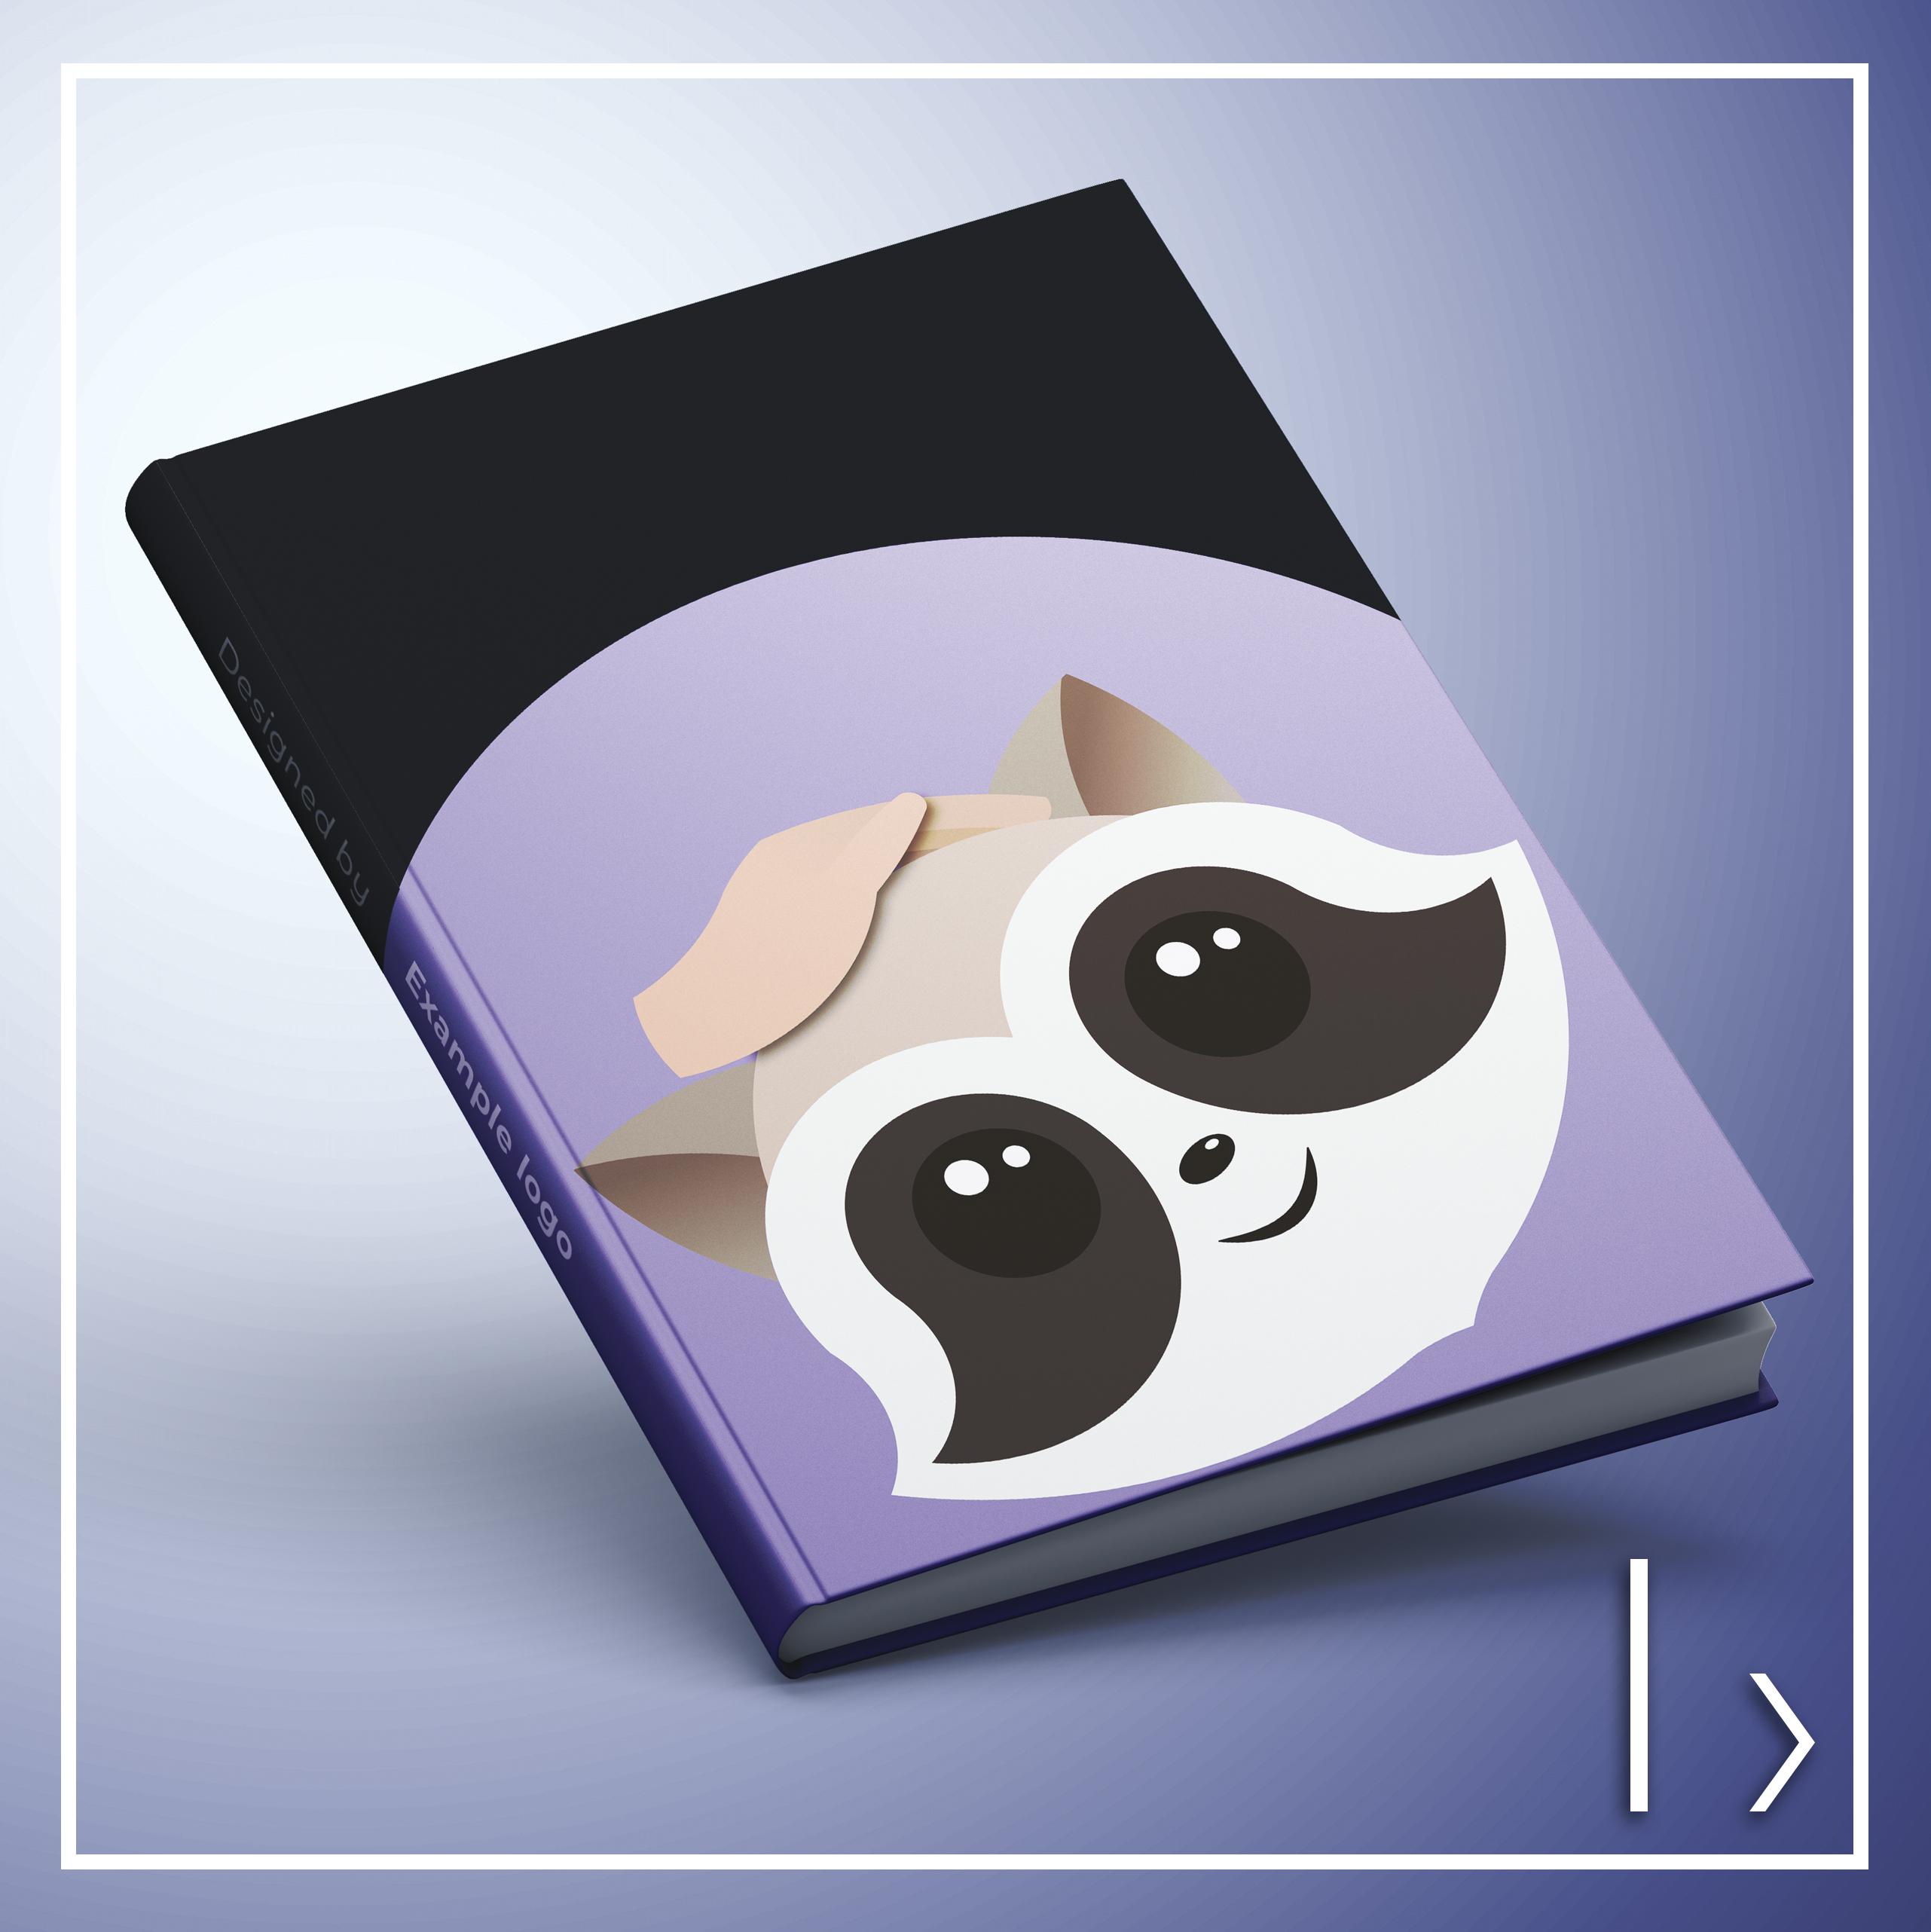 Фото Логотип для контактного зоопарка